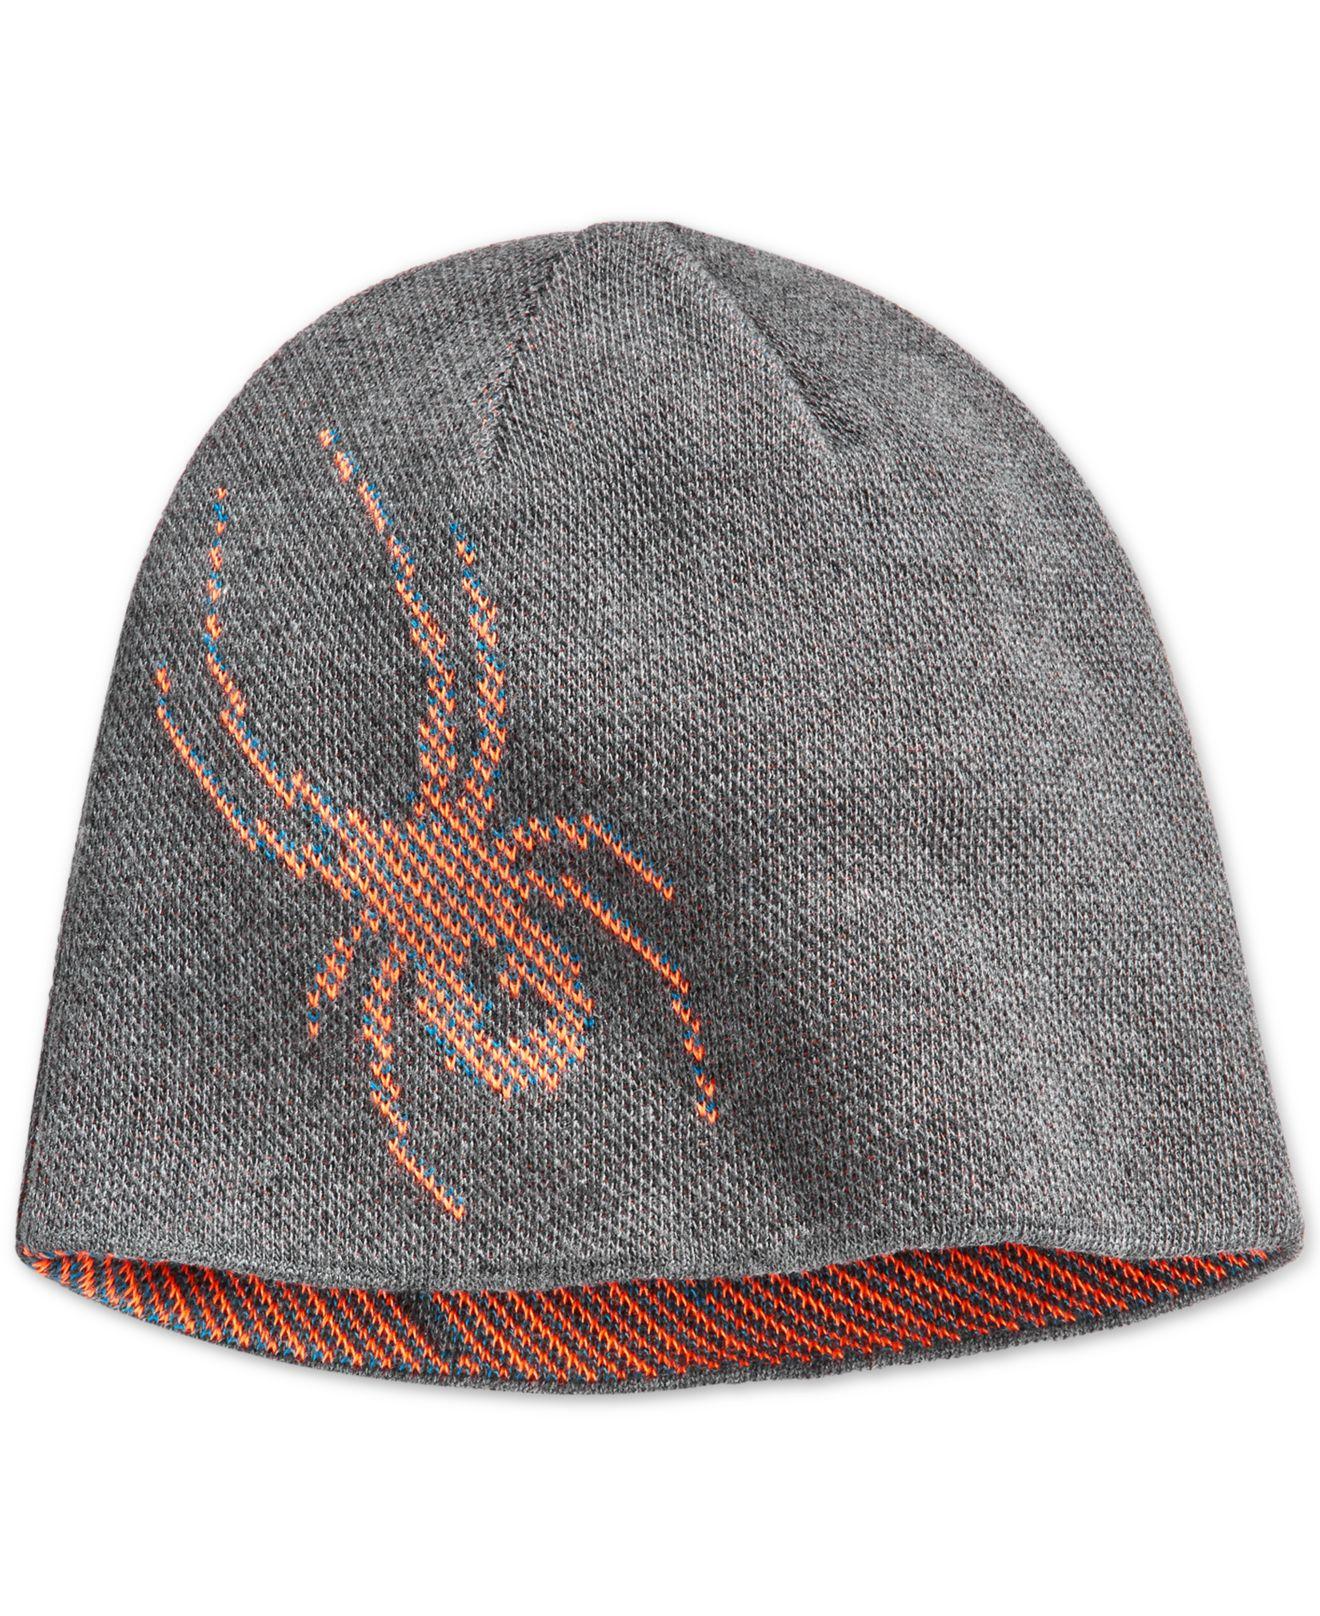 Lyst Spyder Birdseye Spider Graphic Reversible Beanie In